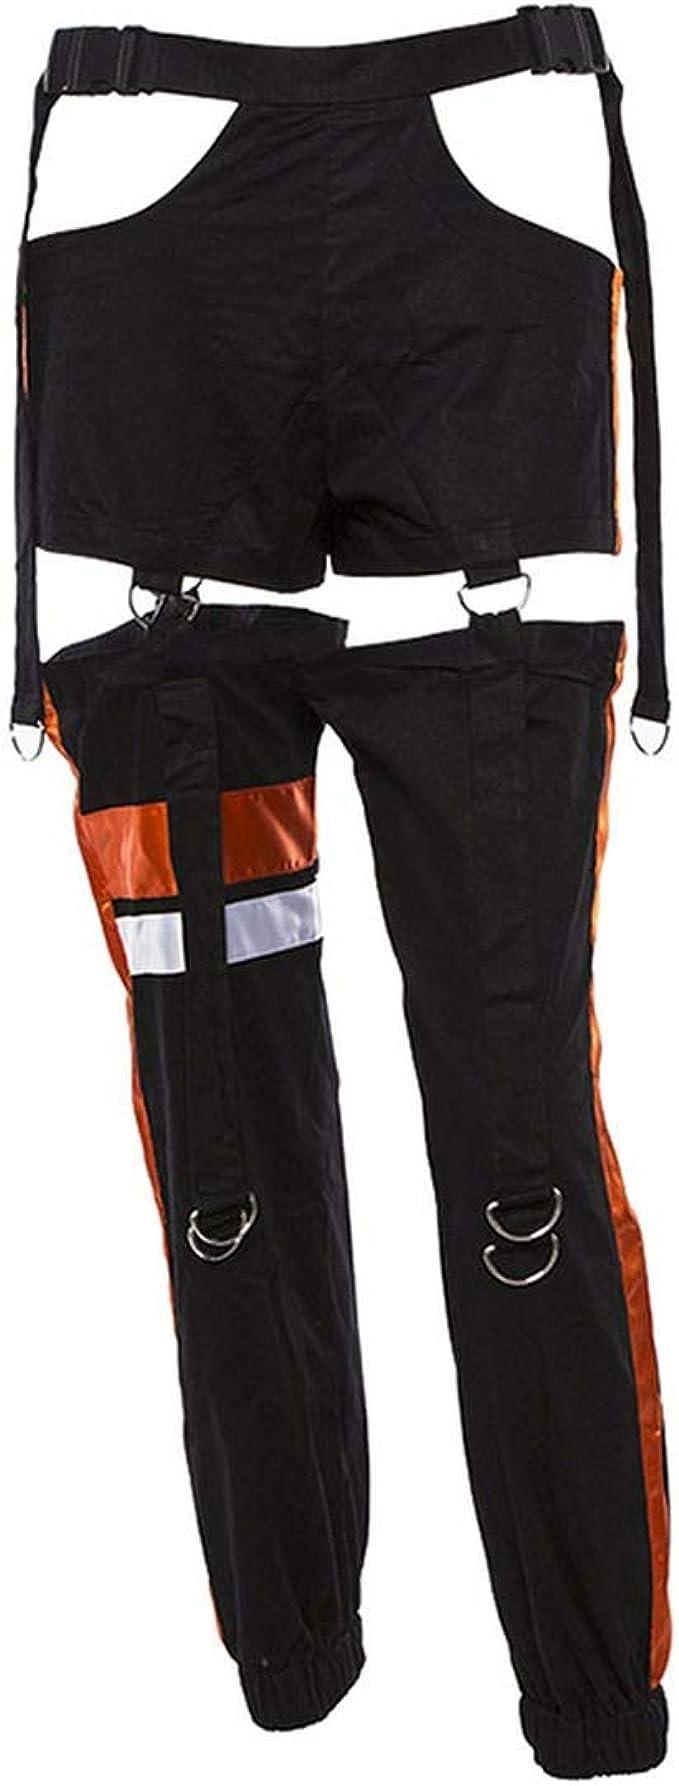 HuangKang-pants Pantalones de chándal para Mujer, de Cintura Alta ...